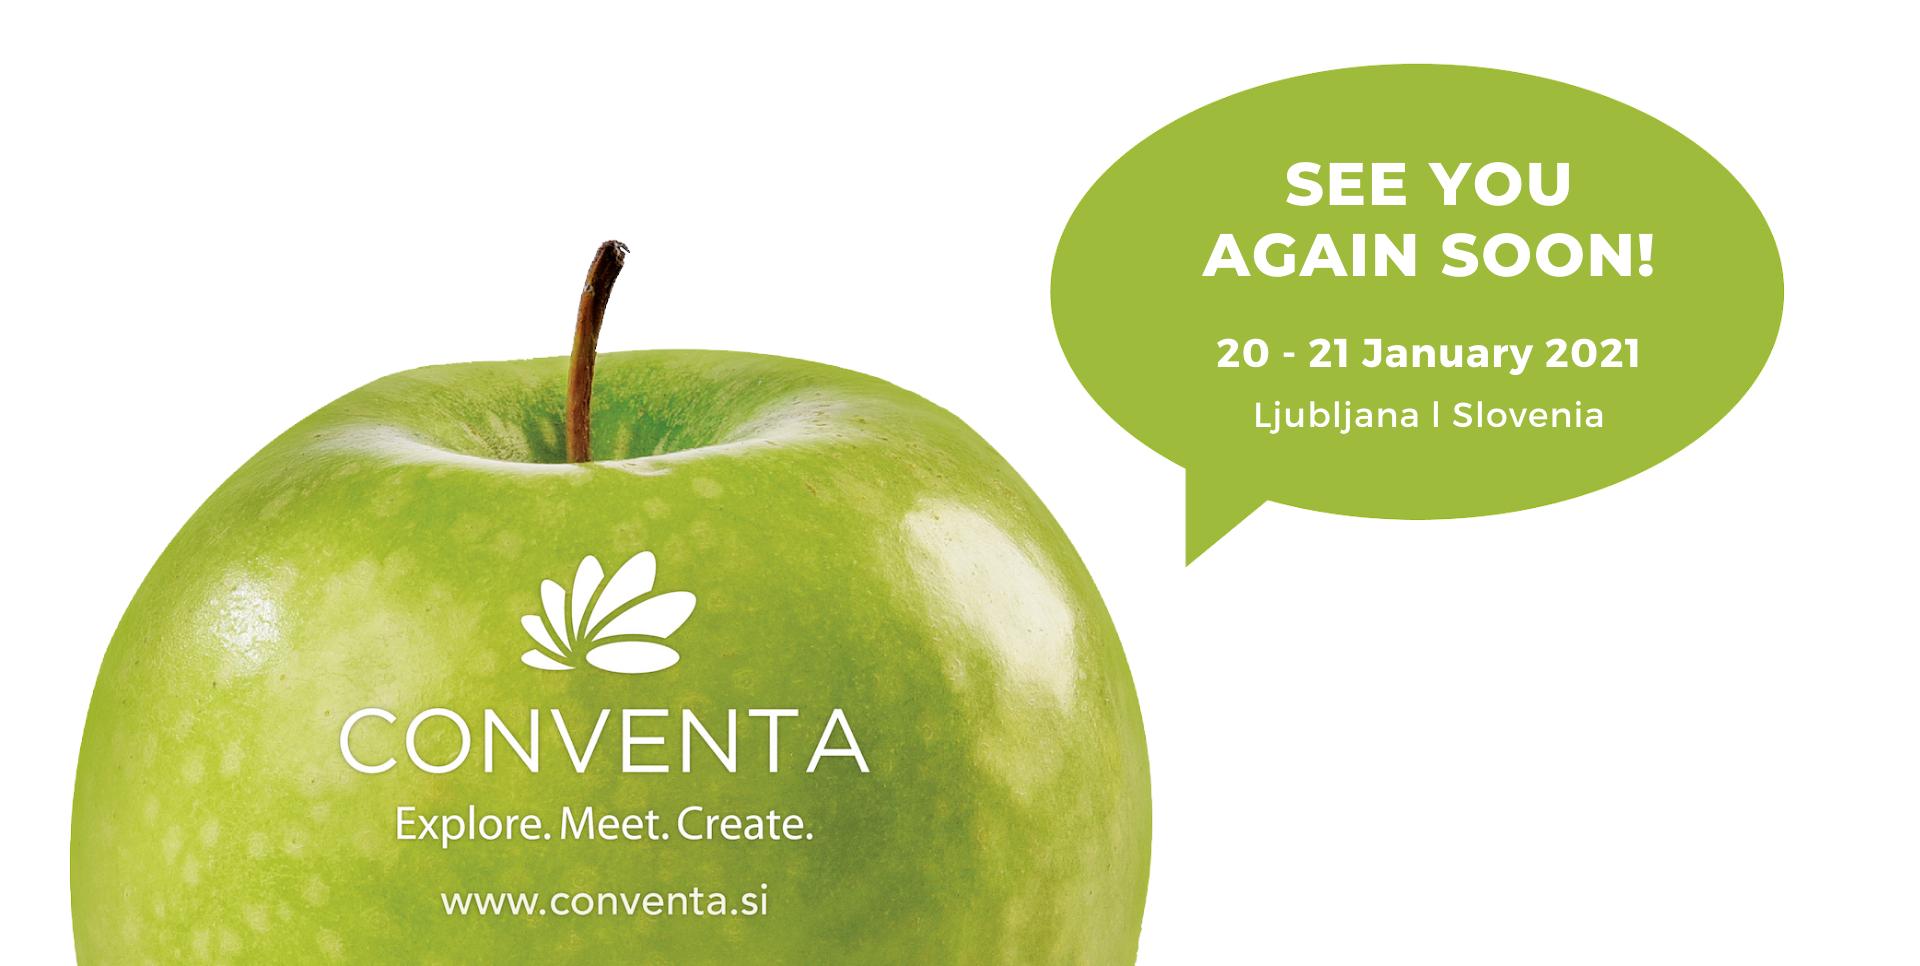 conventa-2021-13-conventa